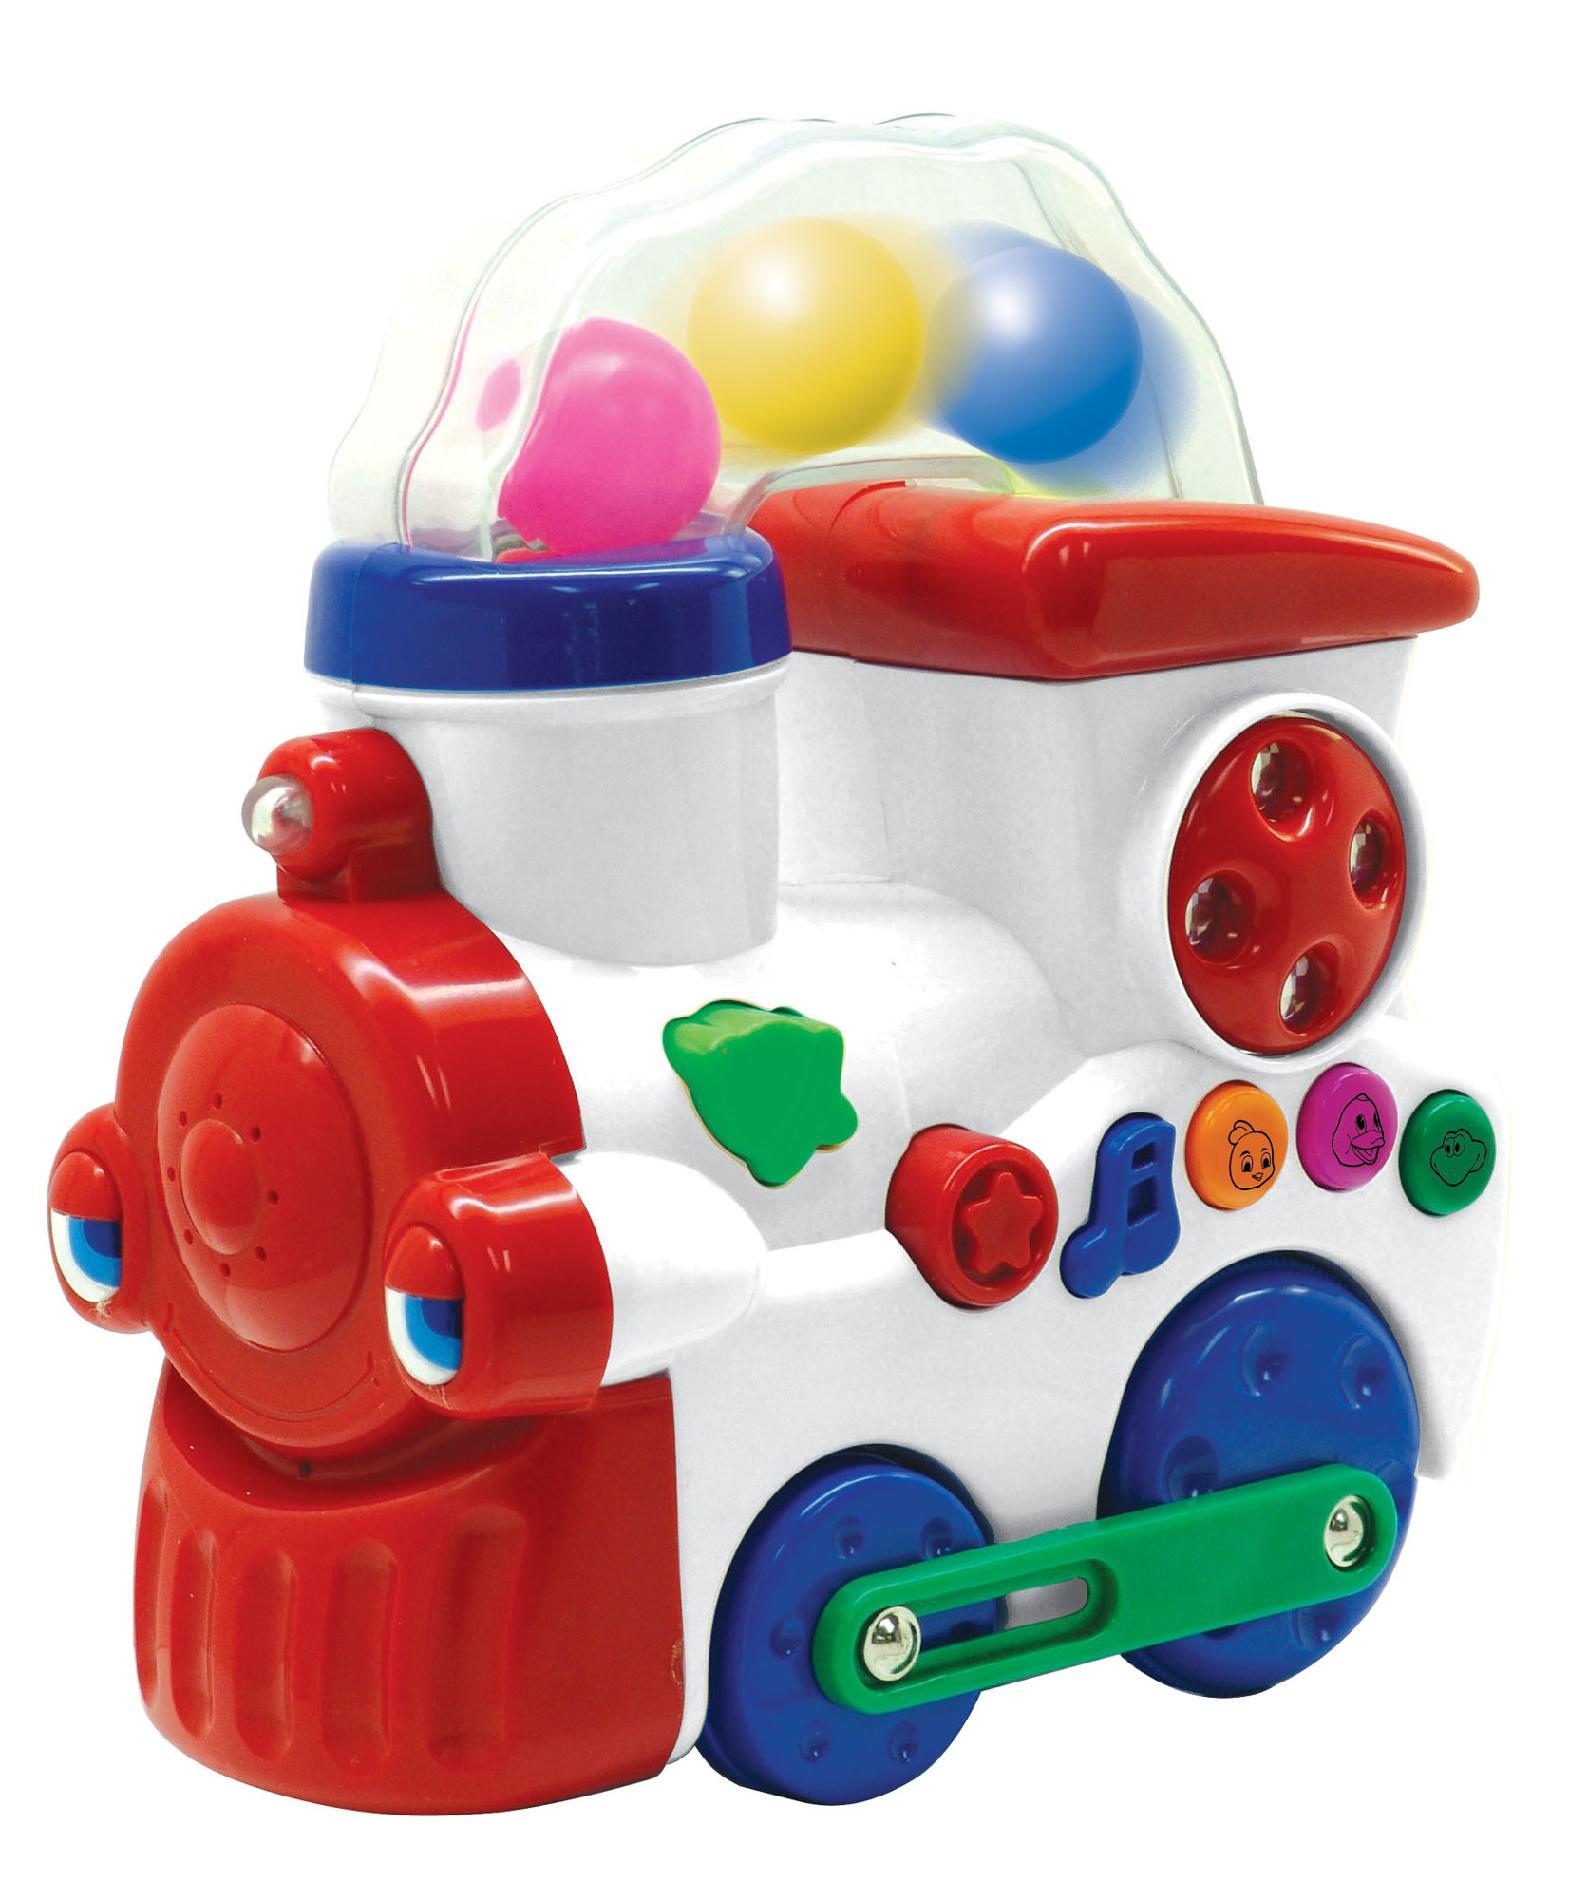 Just Kidz Musical Train Toy